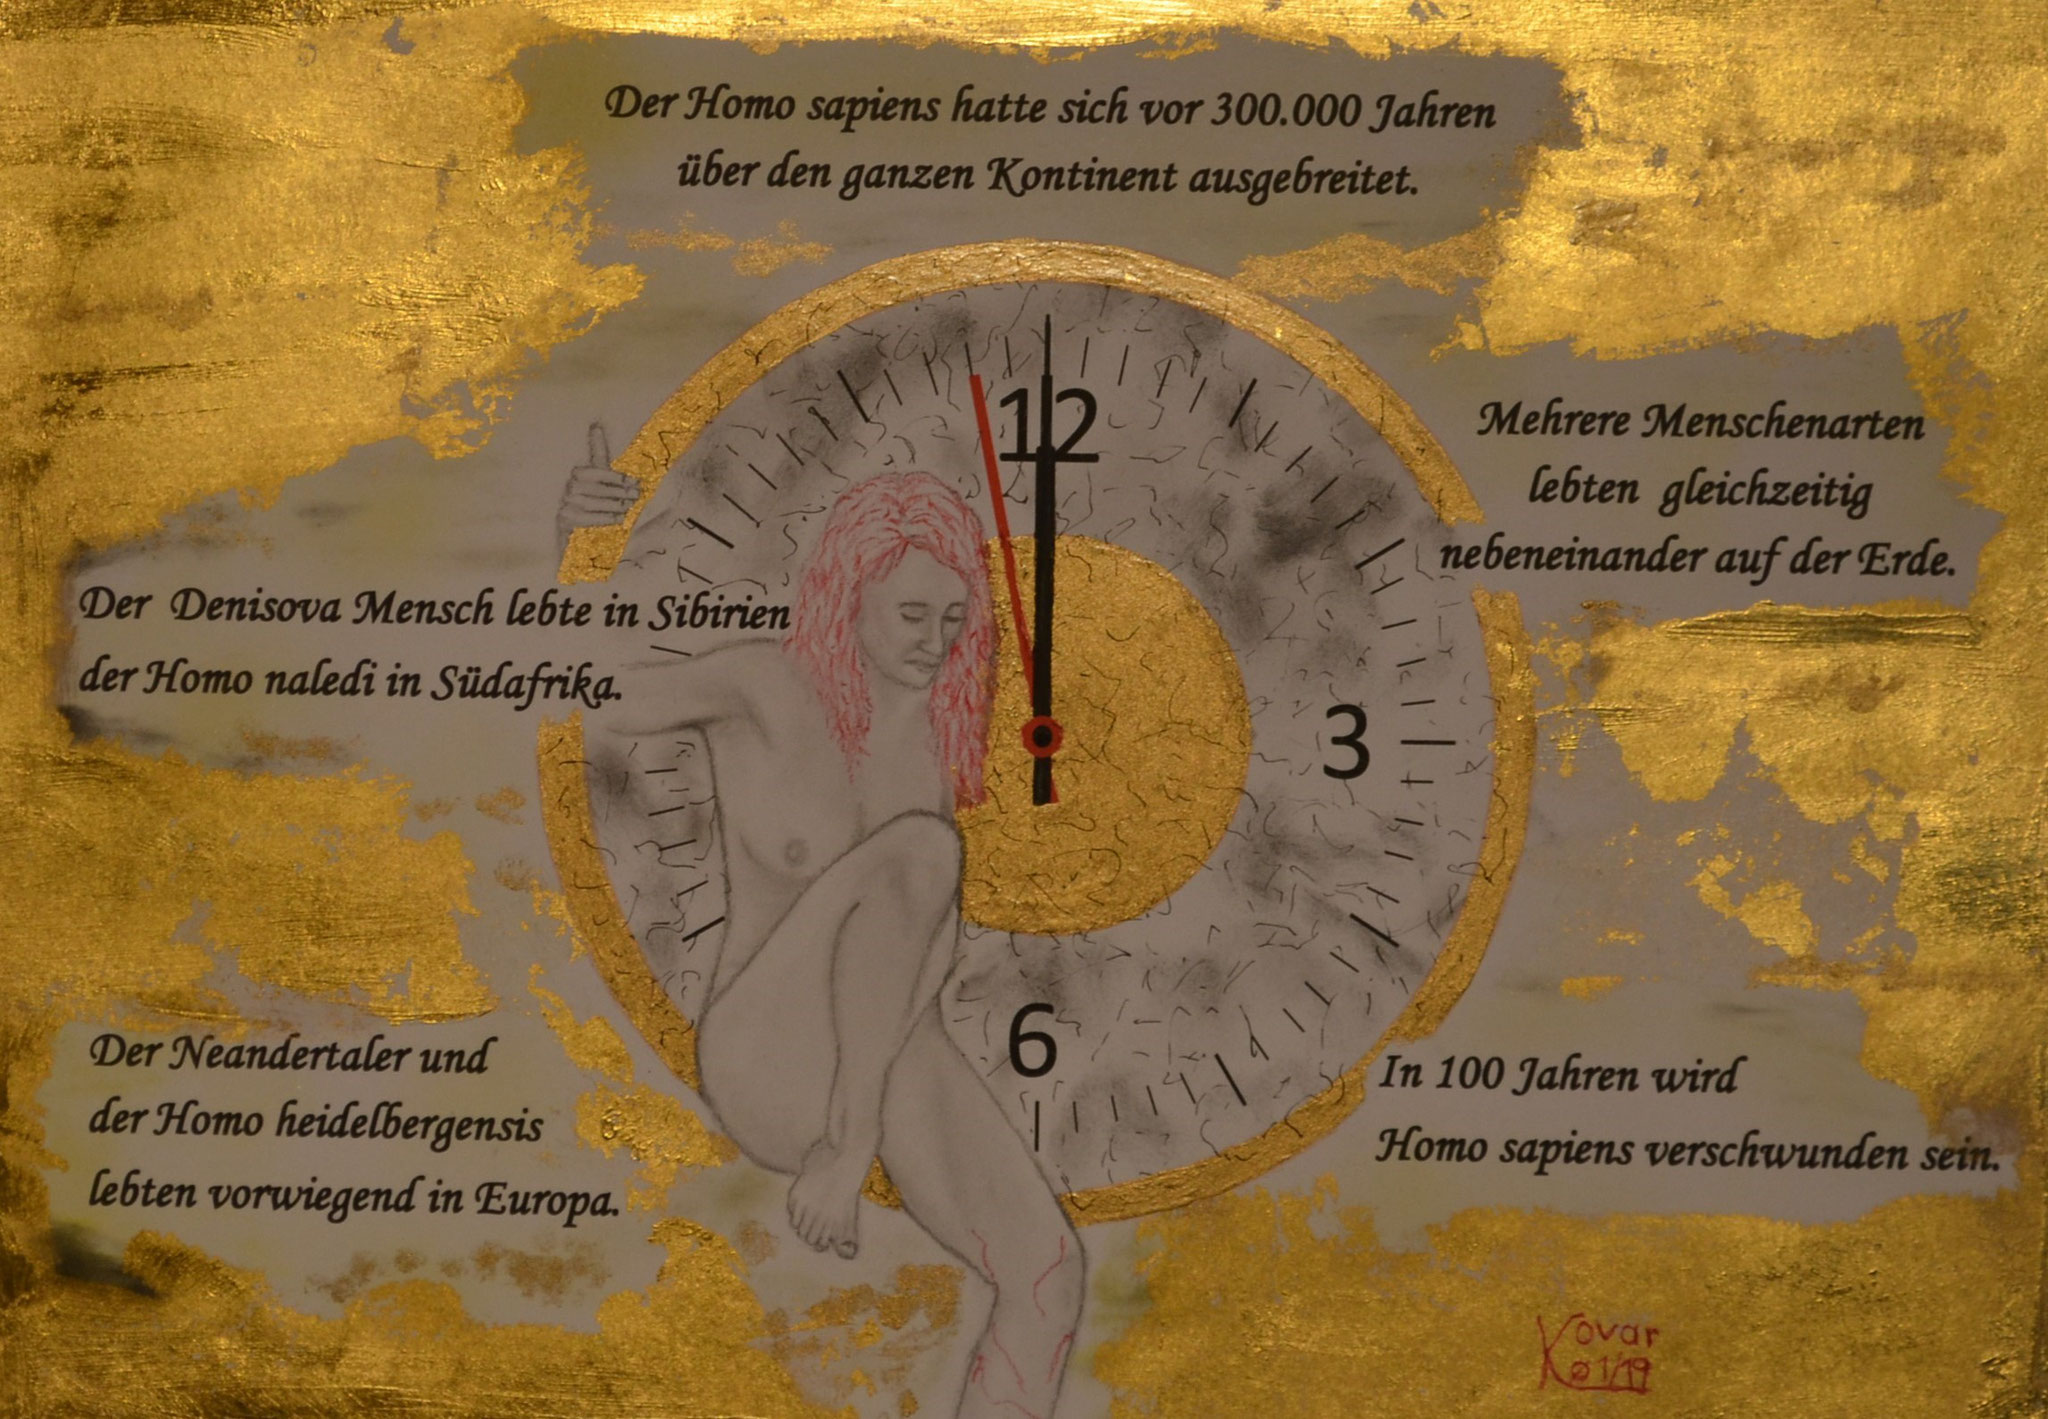 Szenario 2; Blattgold, Tusche und Pastell auf Papier, 48x38cm inkl. Rahmen. Gold leaf, ink and pastel on paper inkl. frame. 2019